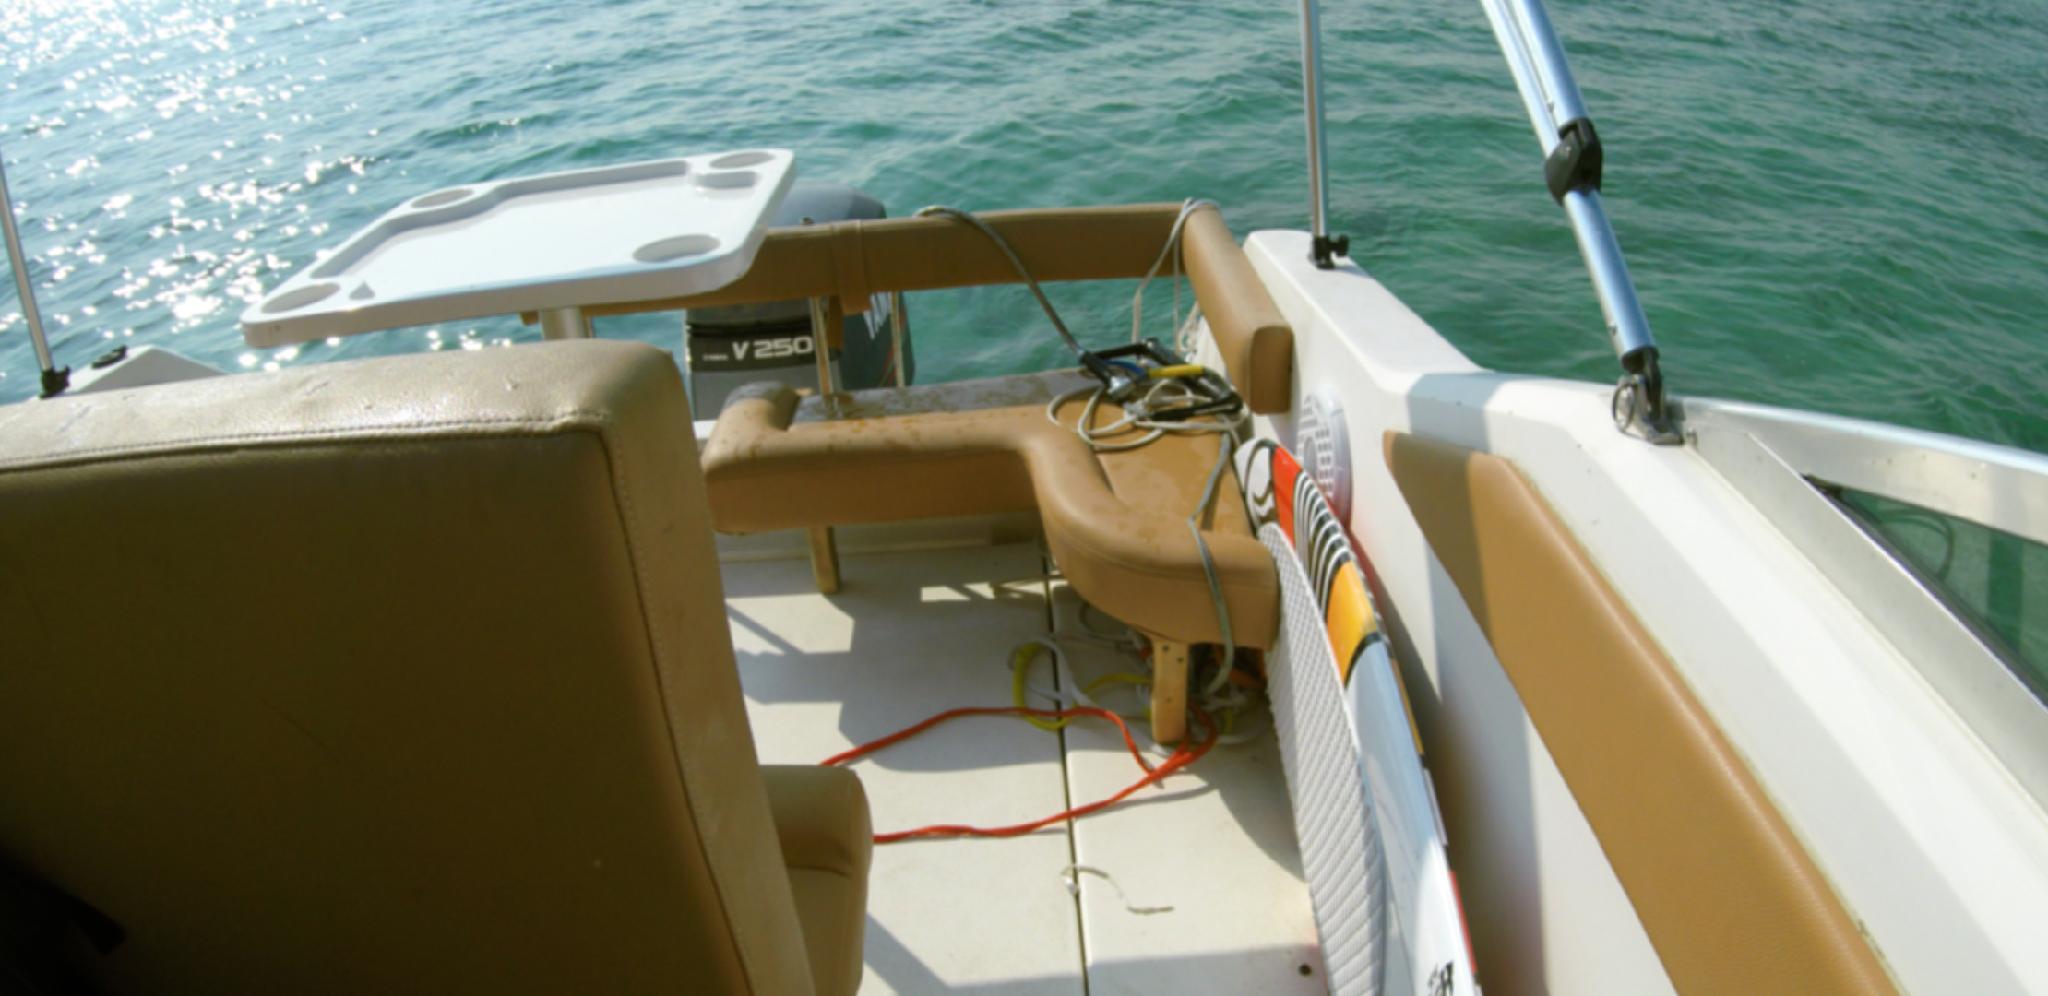 Searay Sundancer 230 Yamaha250